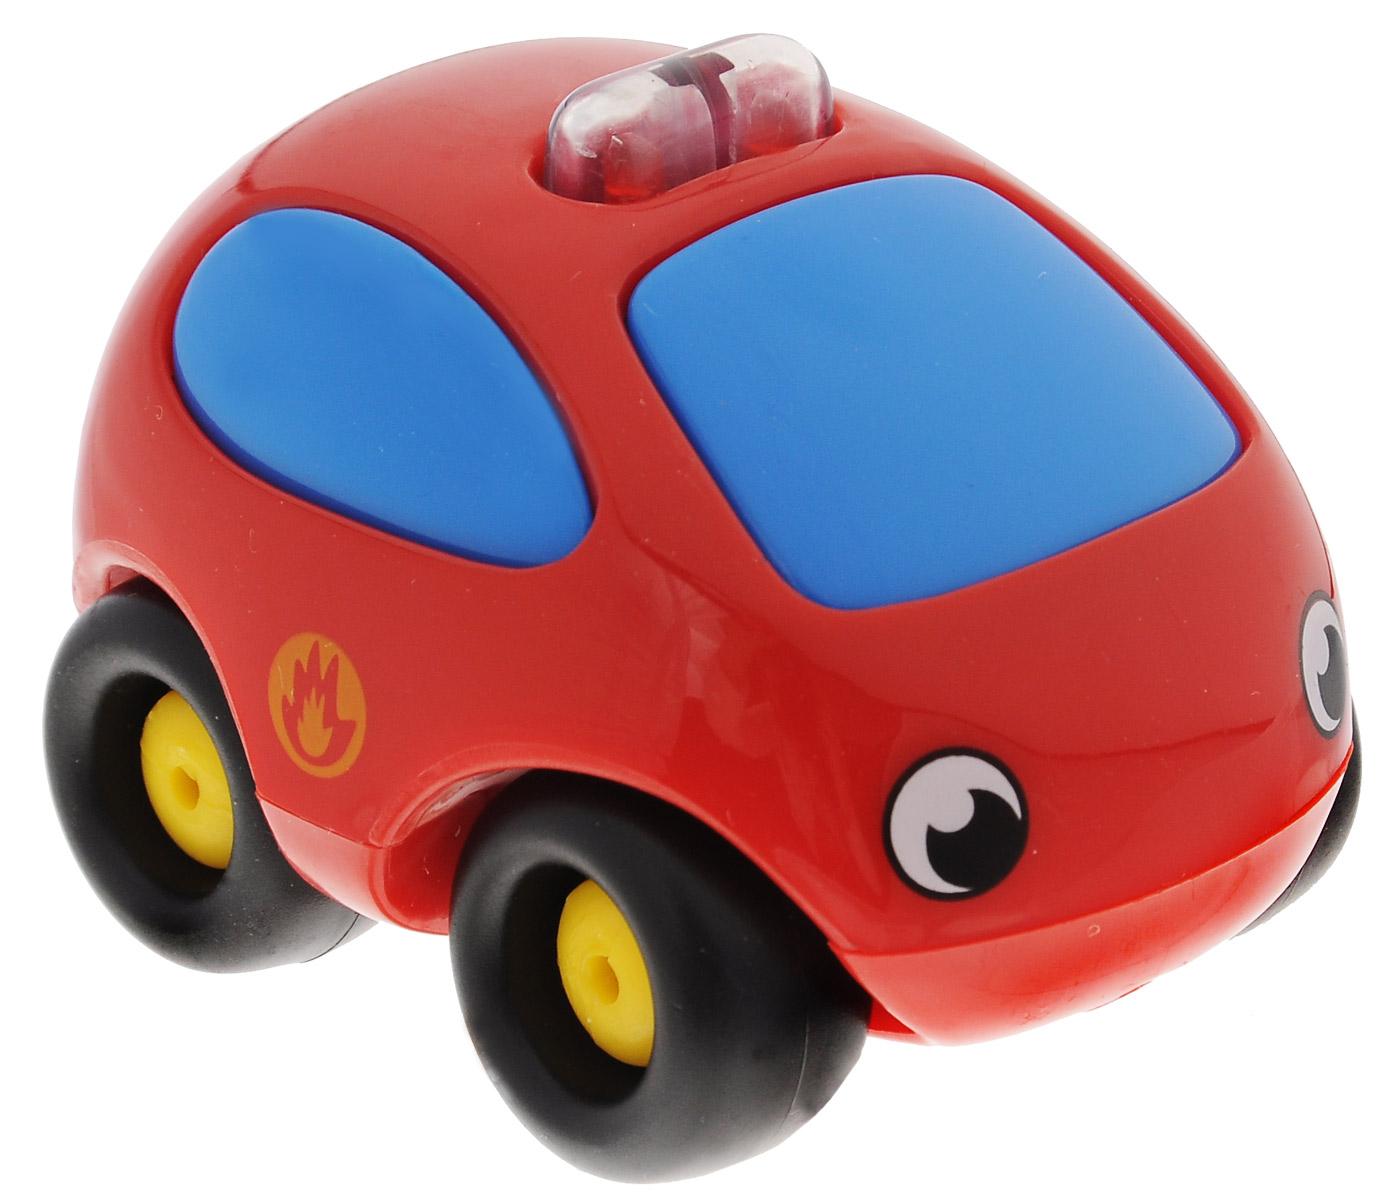 Smoby Машинка Vroom Planet цвет красный smoby машинка vroom planet цвет красный желтый